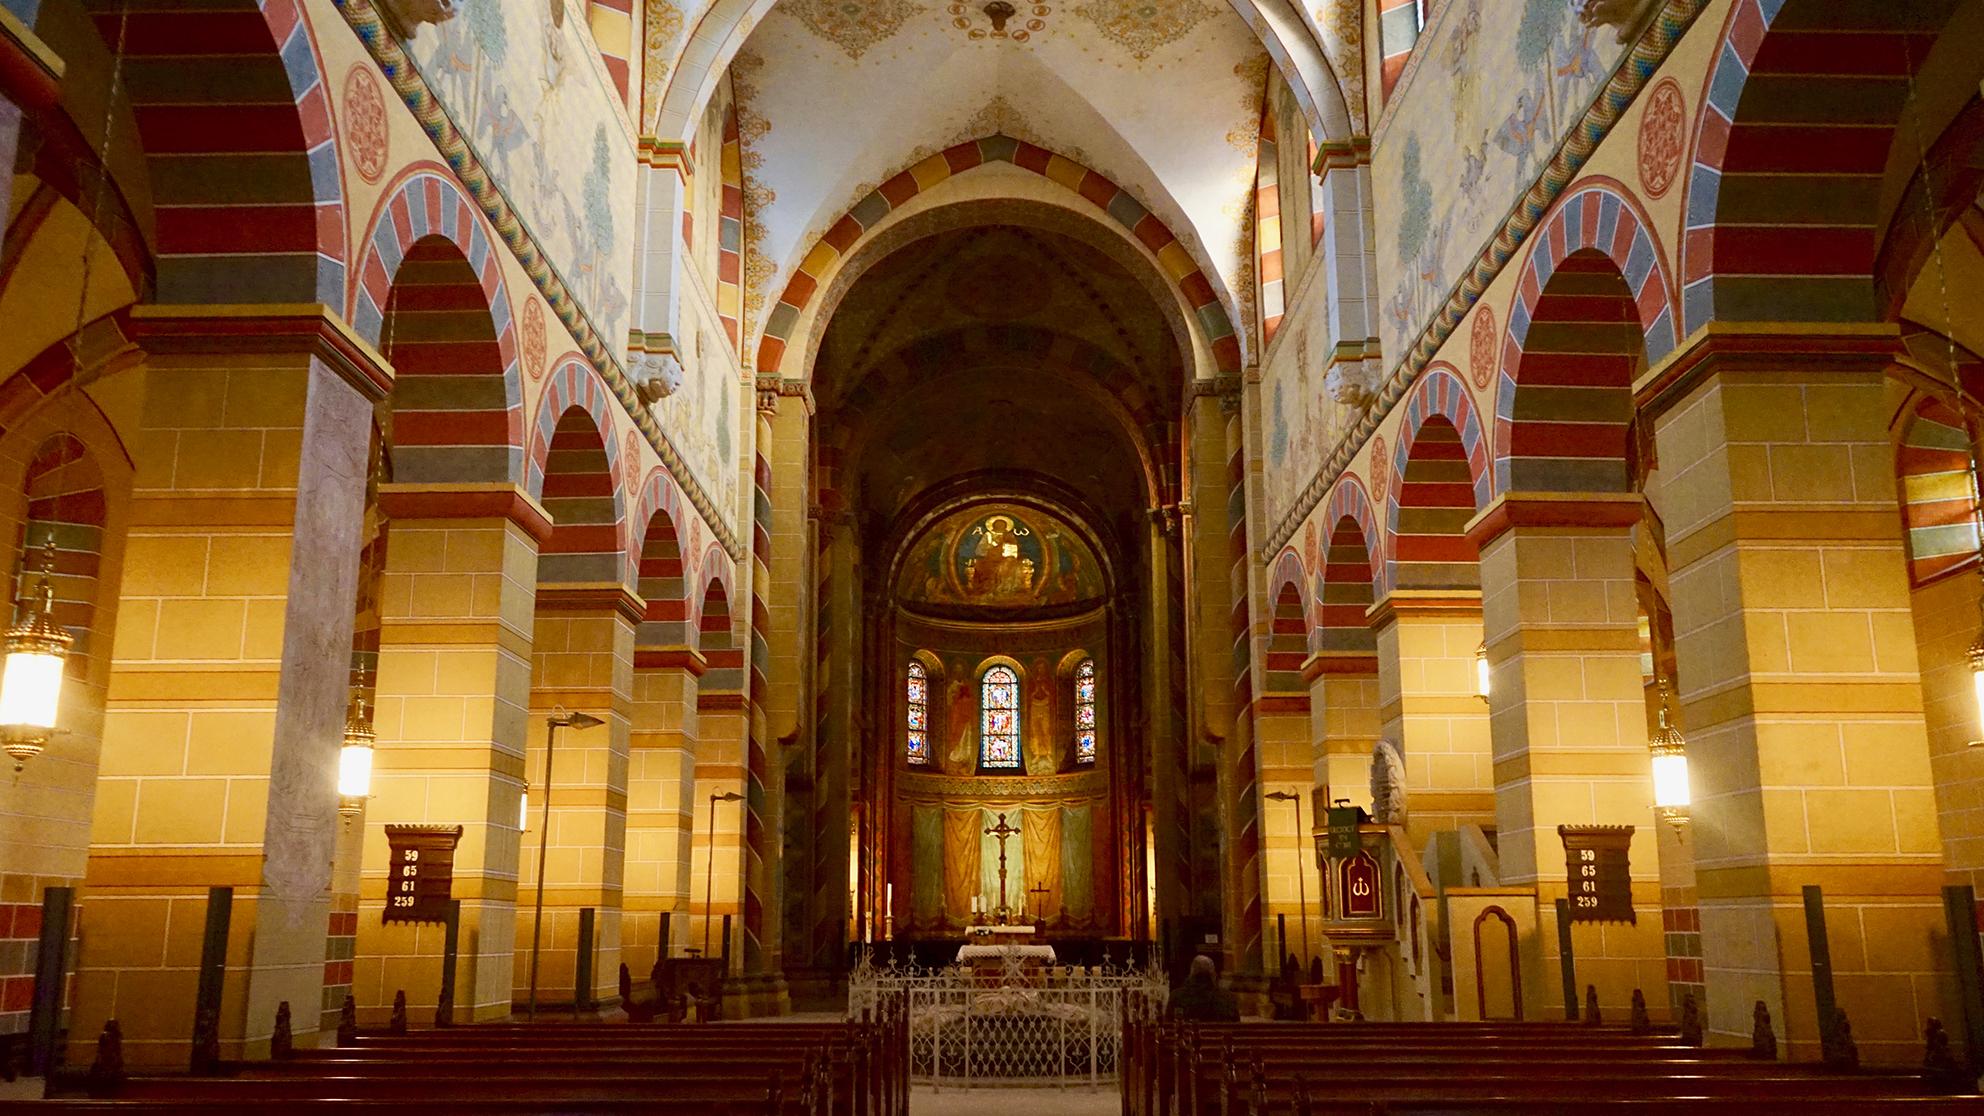 Der Kaiserdom Königslutter: ein Ort zum Beten, Hören, Sehen, Lernen und Staunen